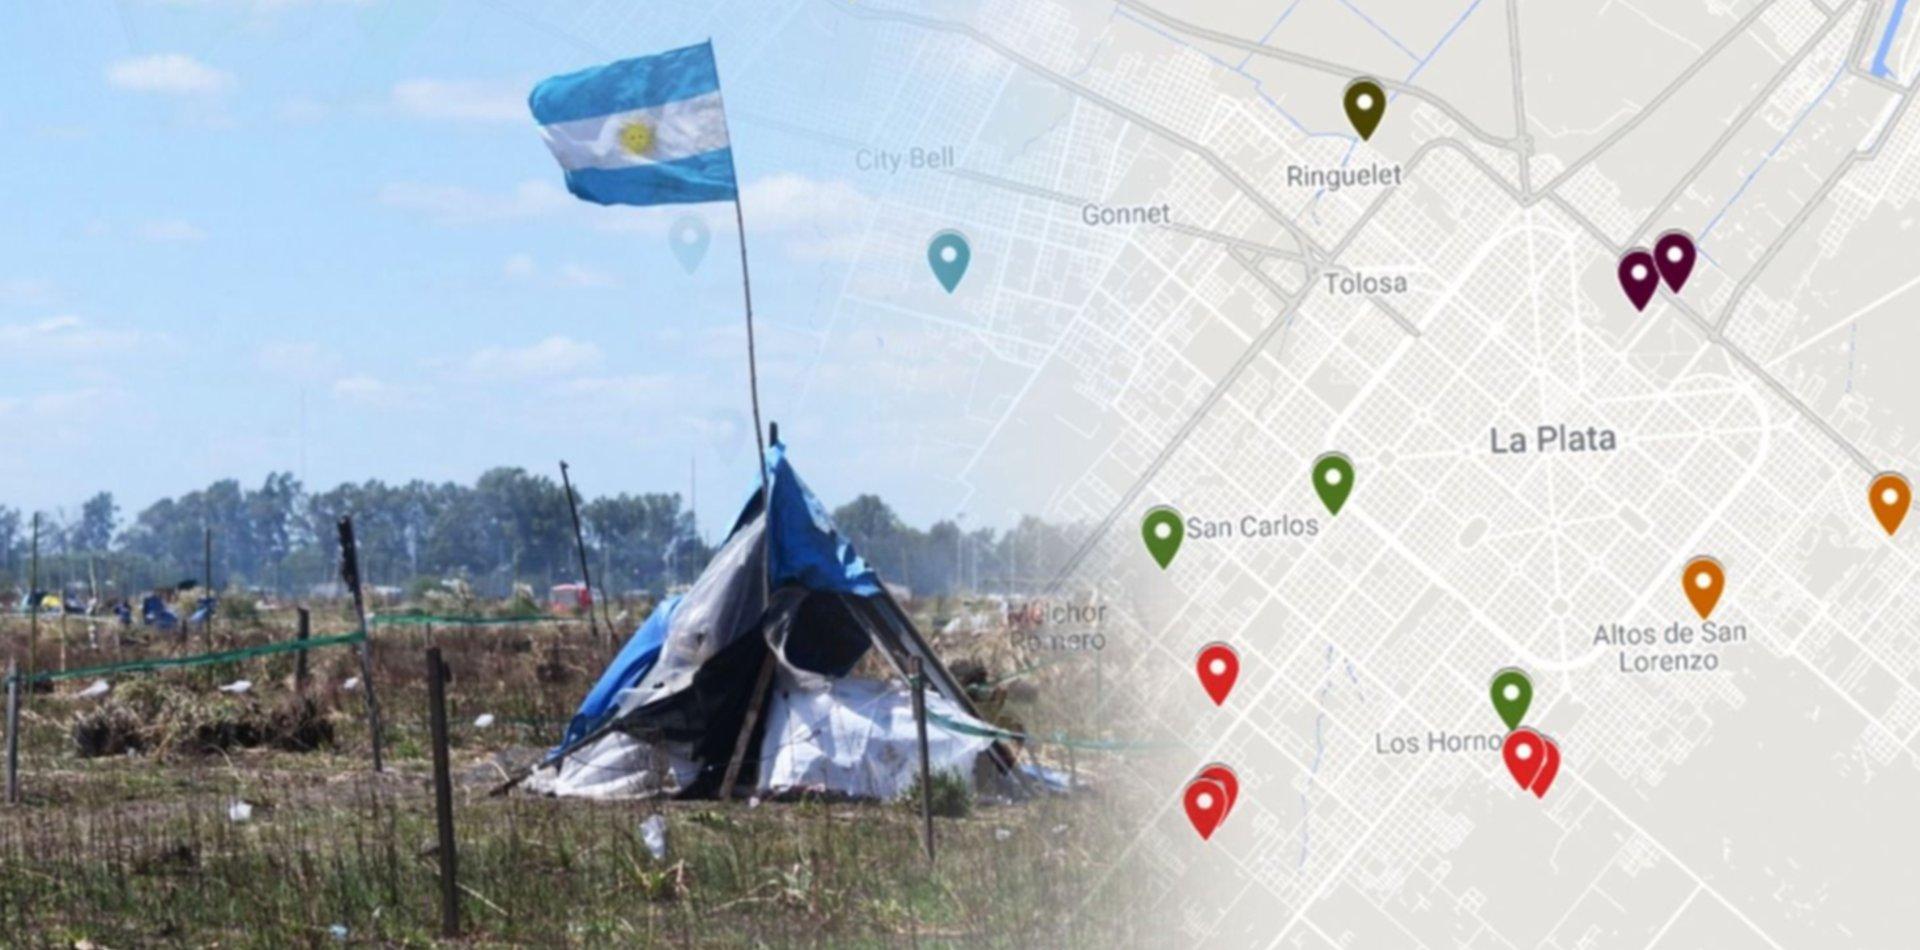 El mapa de la toma de terrenos en lo que va del año en La Plata